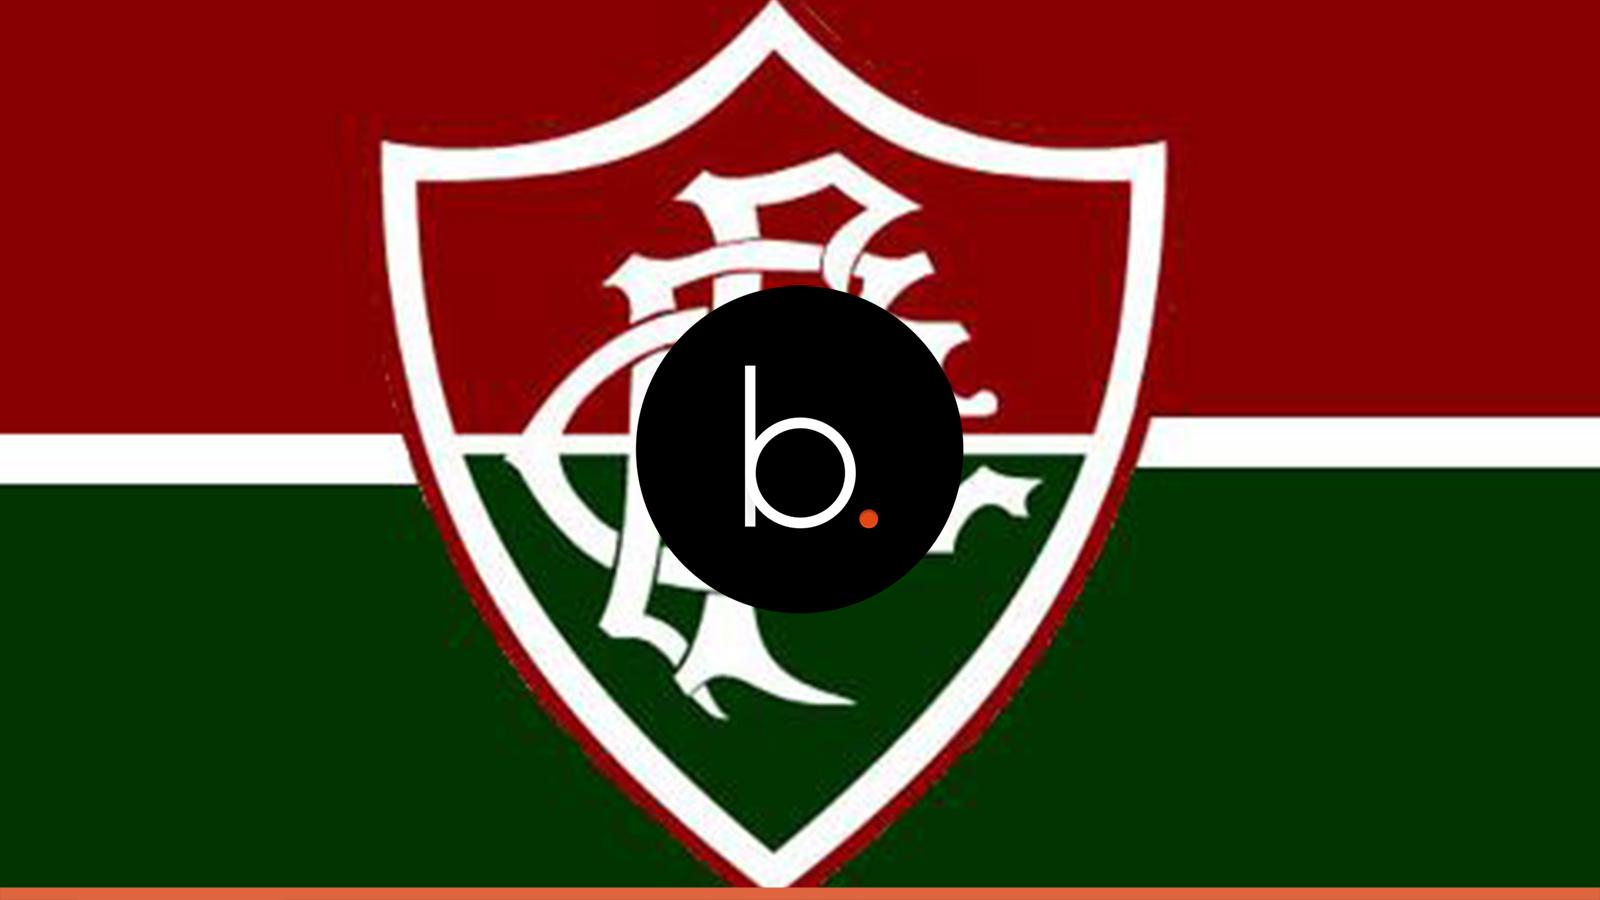 Atacante recebe proposta pro Exterior, mas prefere jogar no Fluminense